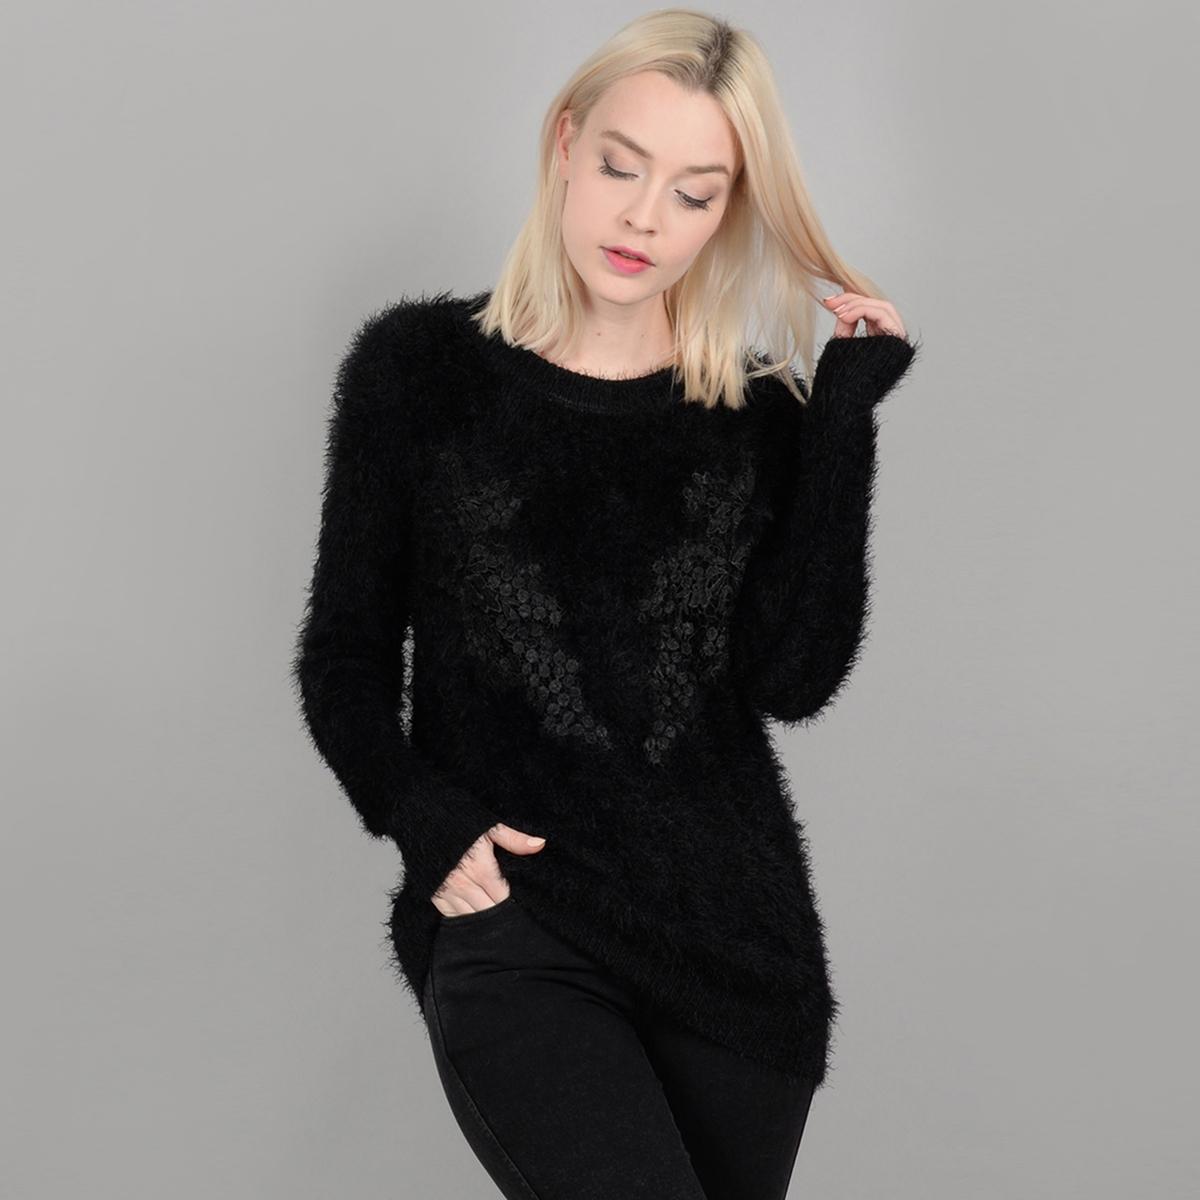 Пуловер La Redoute С круглым вырезом из плотного трикотажа M черный пуловер la redoute с круглым вырезом из плотного трикотажа 3xl бежевый